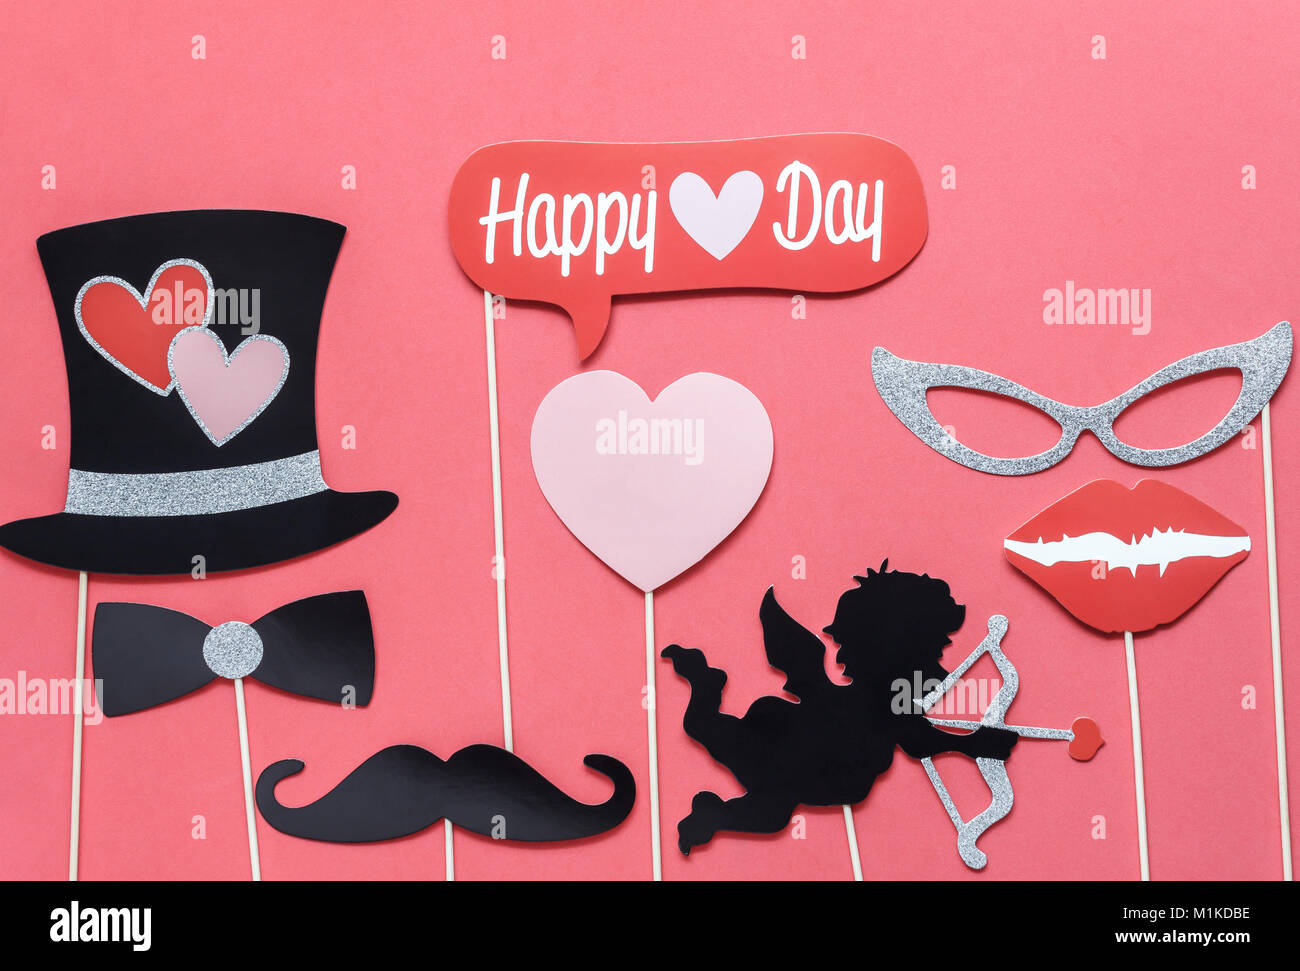 Niedlich Farb Valentines Bilder - Druckbare Malvorlagen - amaichi.info